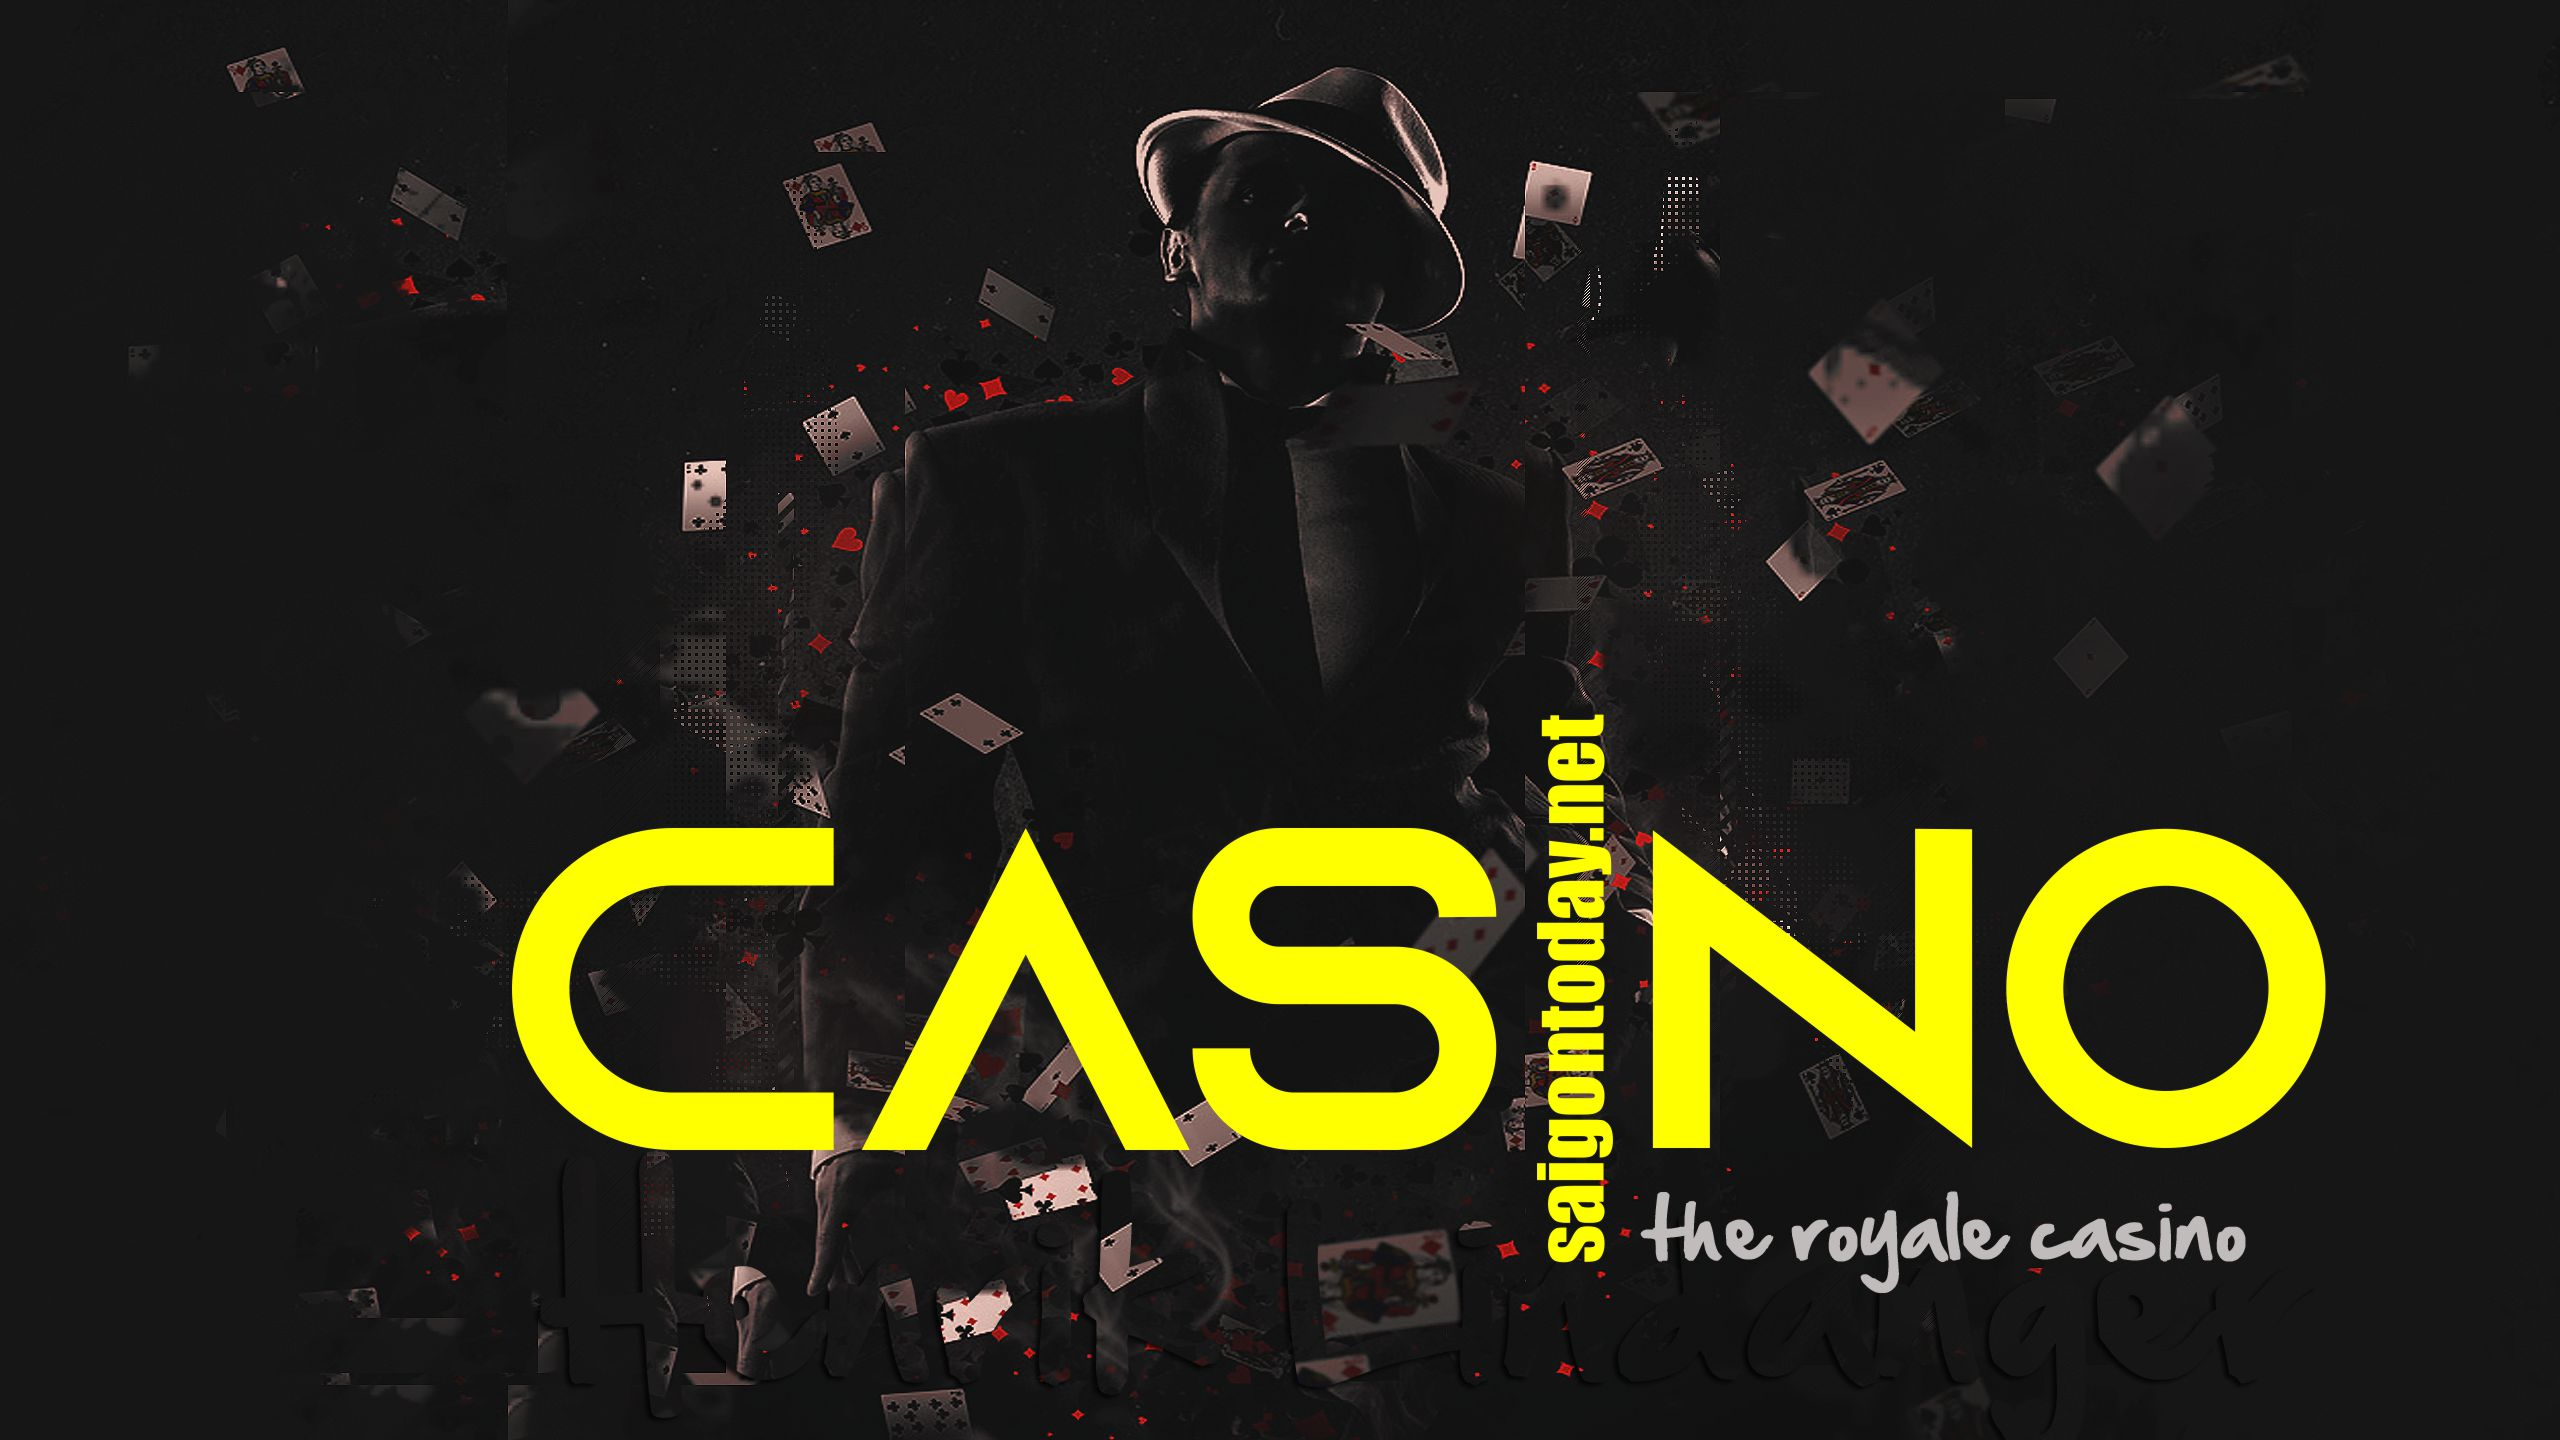 Sejarah Casino Hingga Hubungannya Dengan Kejahatan